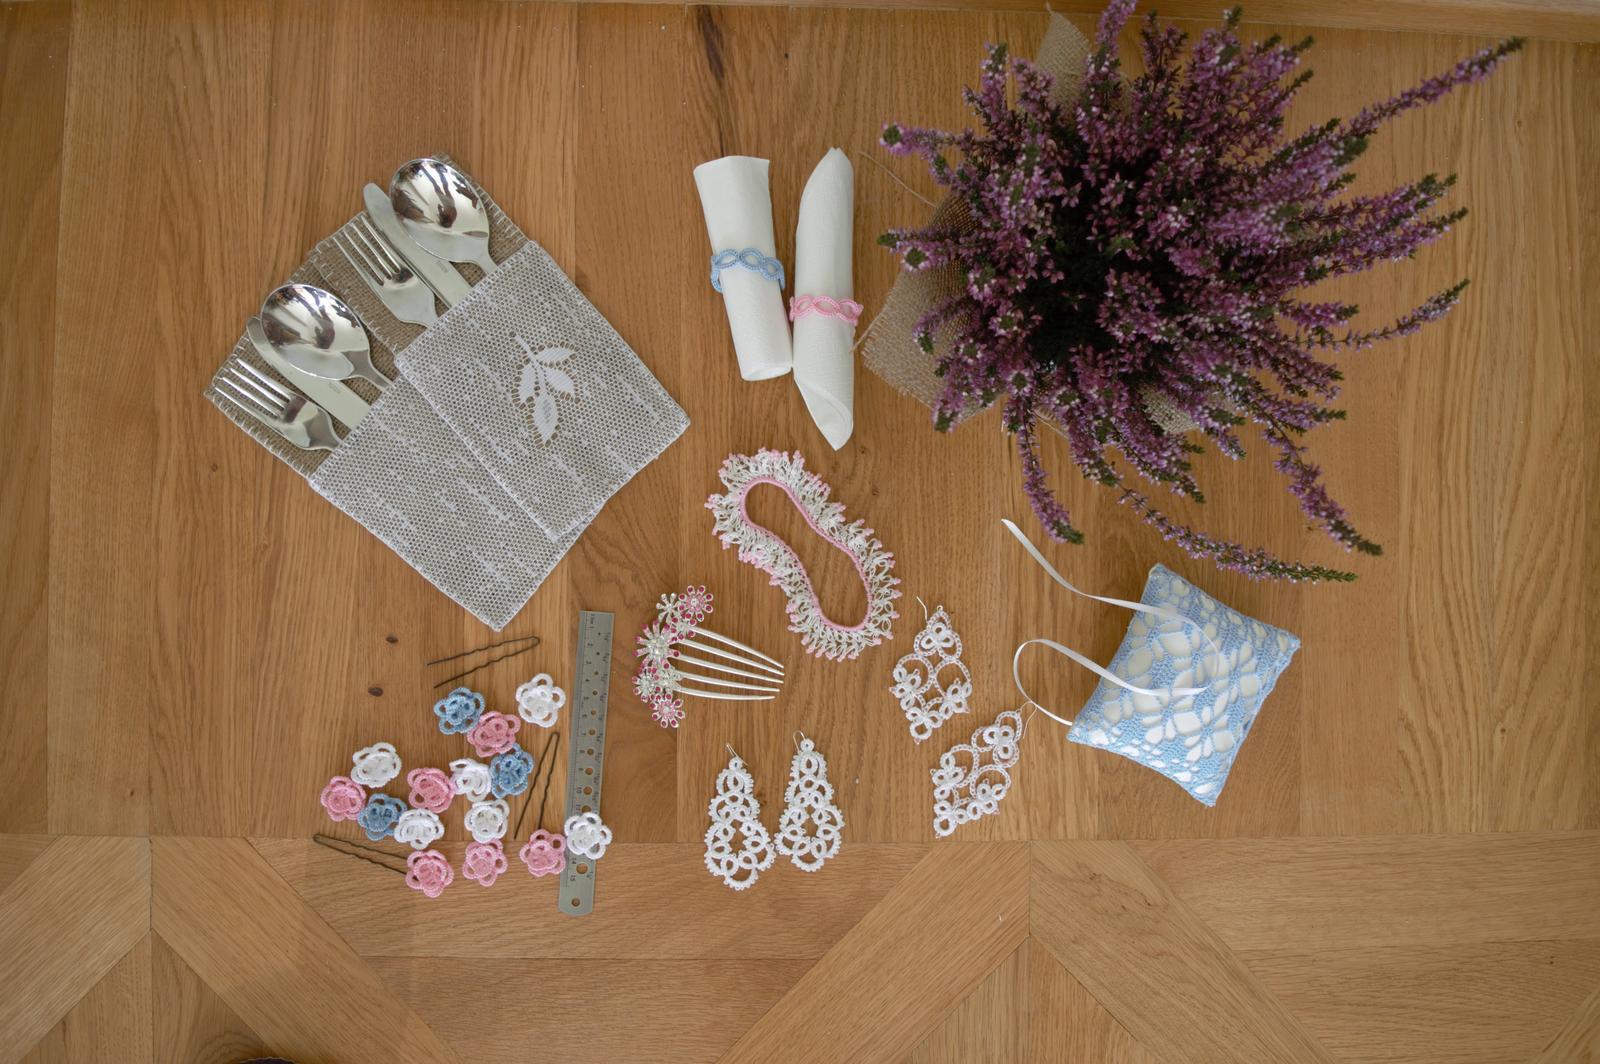 modré, růžové a bílé háčkované kytičky  - Obrázek č. 4